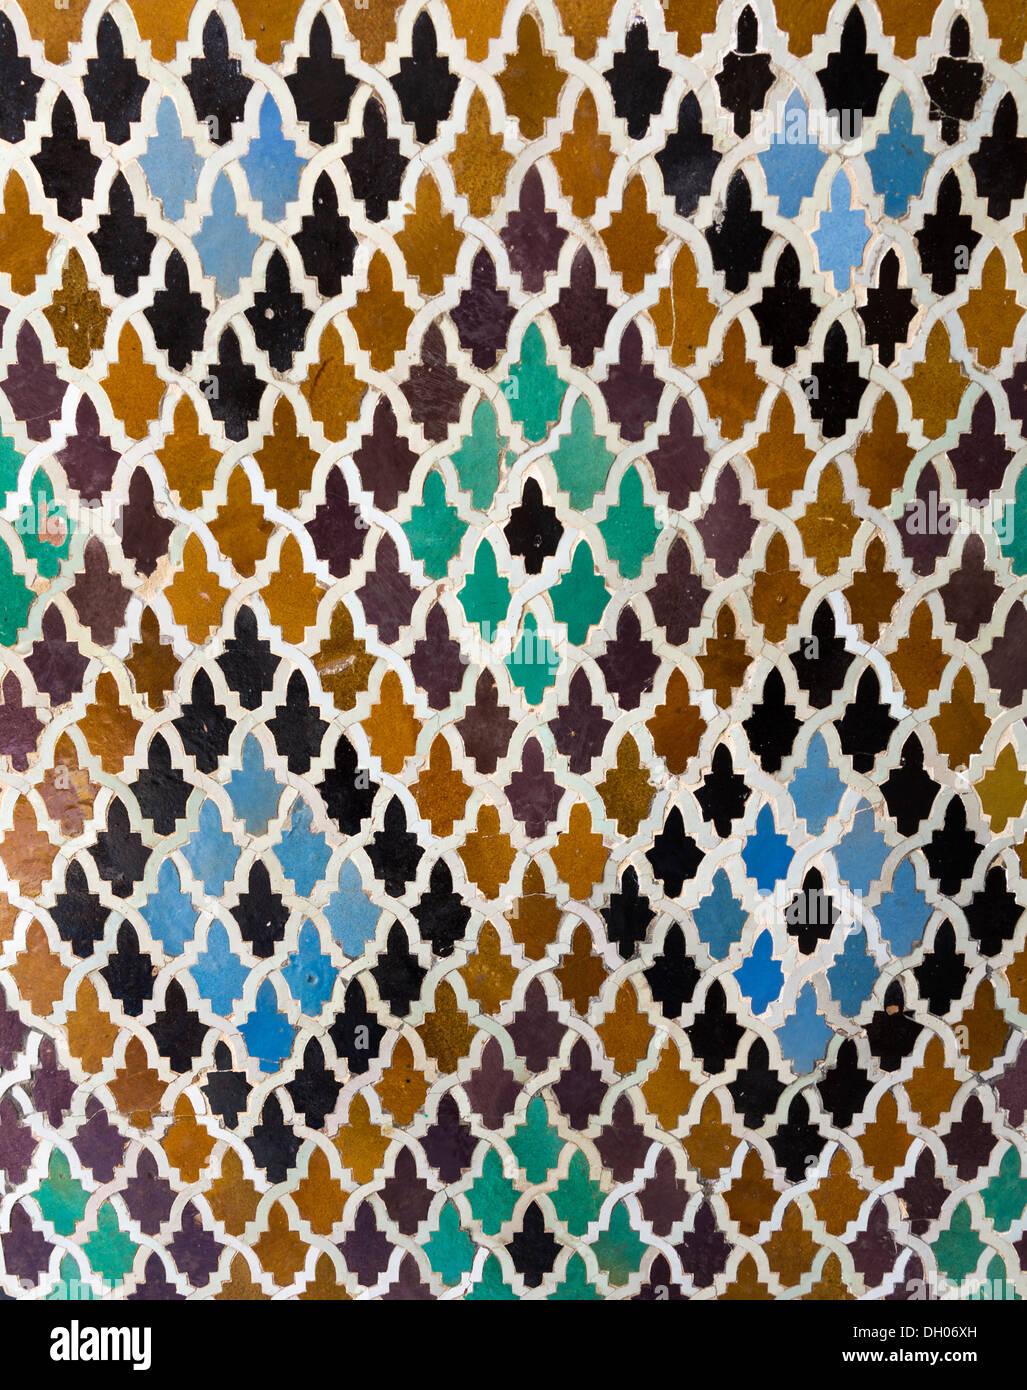 Orientaleggiante mosaico di piastrelle in una moschea in Marocco la formazione di forme a diamante Immagini Stock